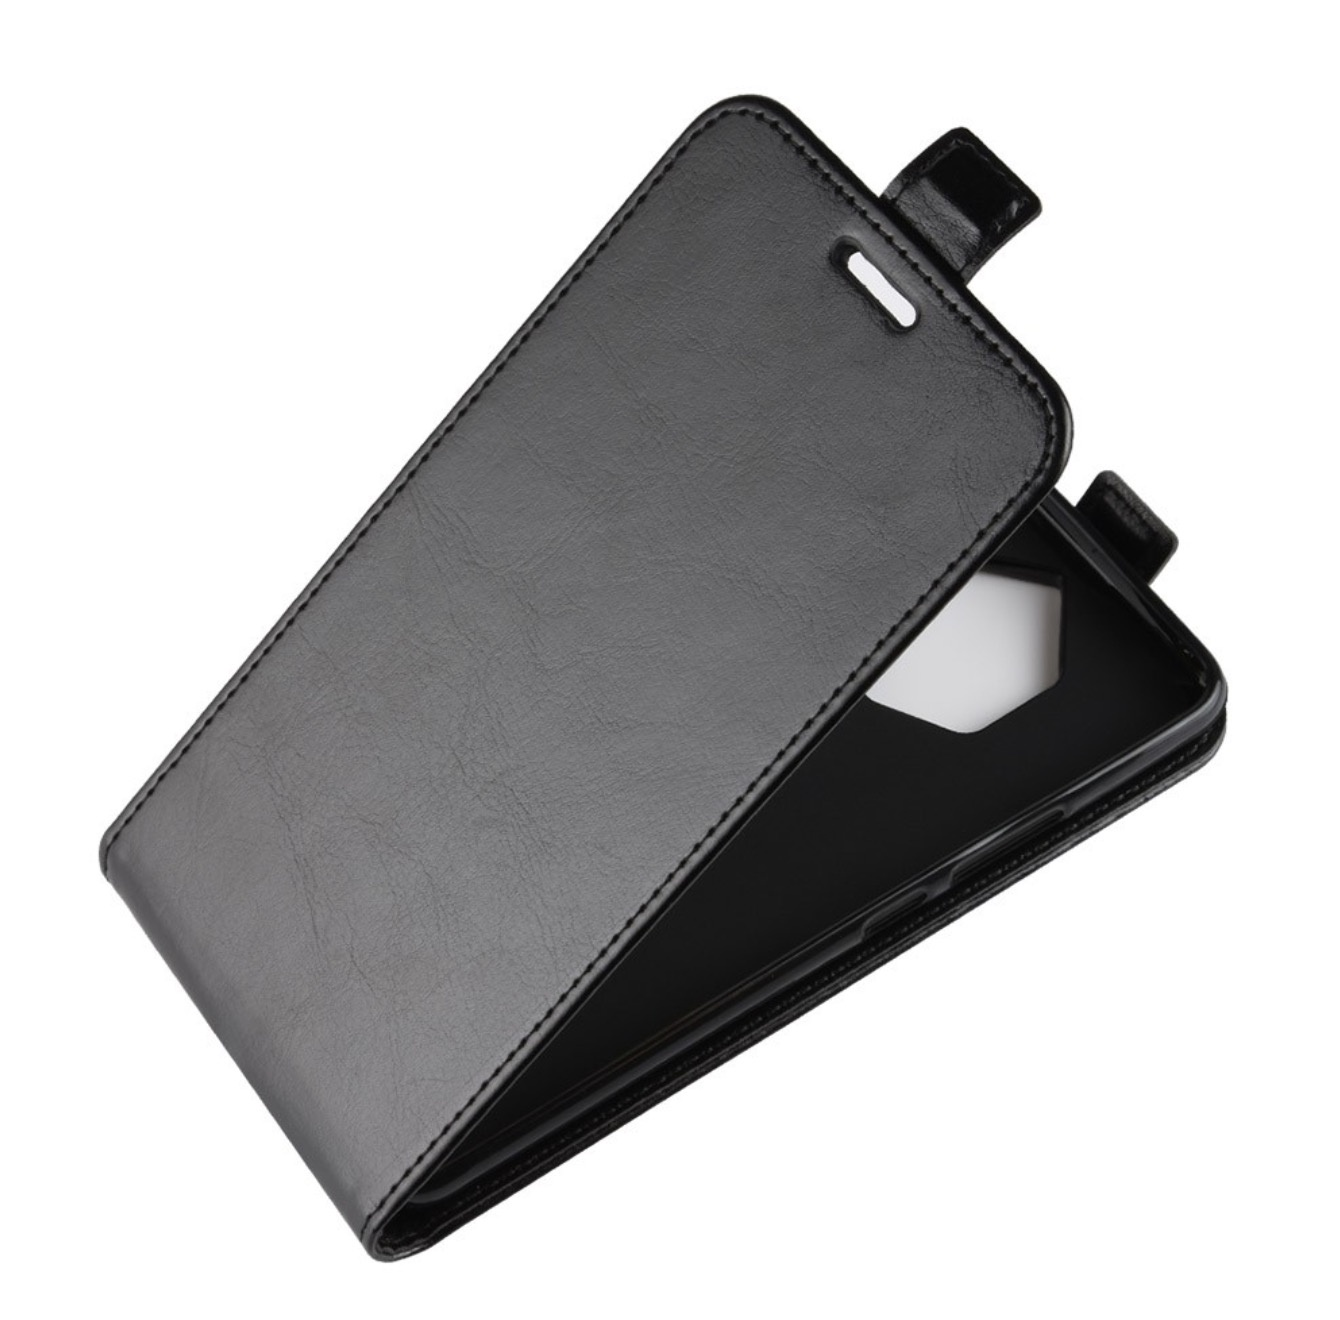 Чехол-флип MyPads для Alcatel OneTouch Pop 4 Plus 5056D вертикальный откидной черный цена в Москве и Питере